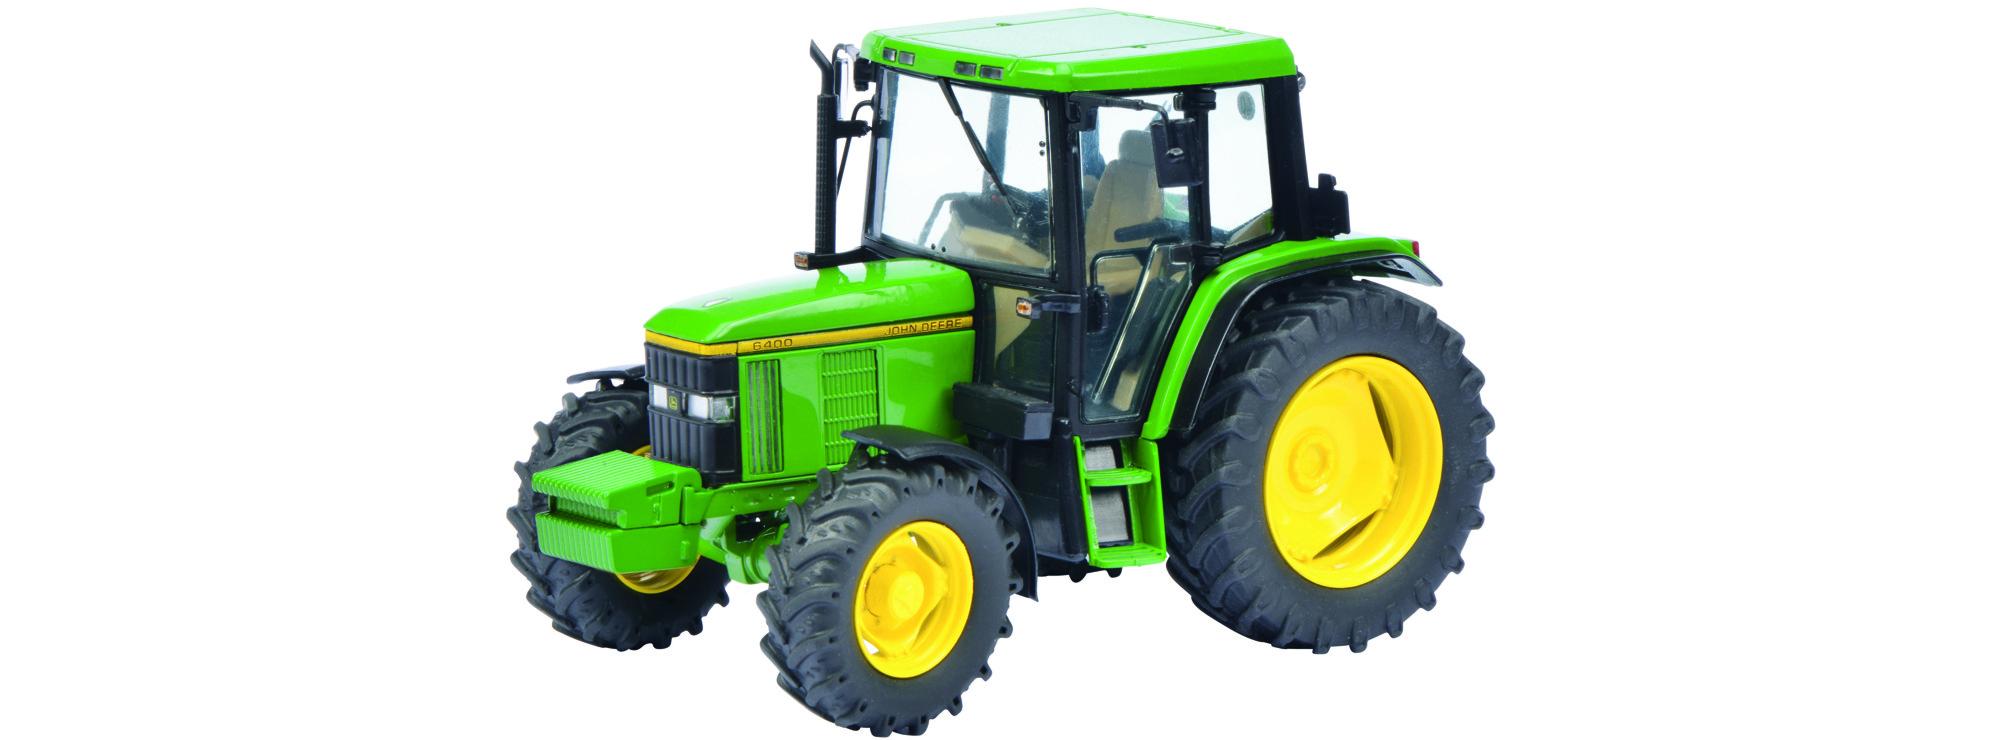 John Deere 6400 Traktor Maßstab 1:32 Schuco 450773100